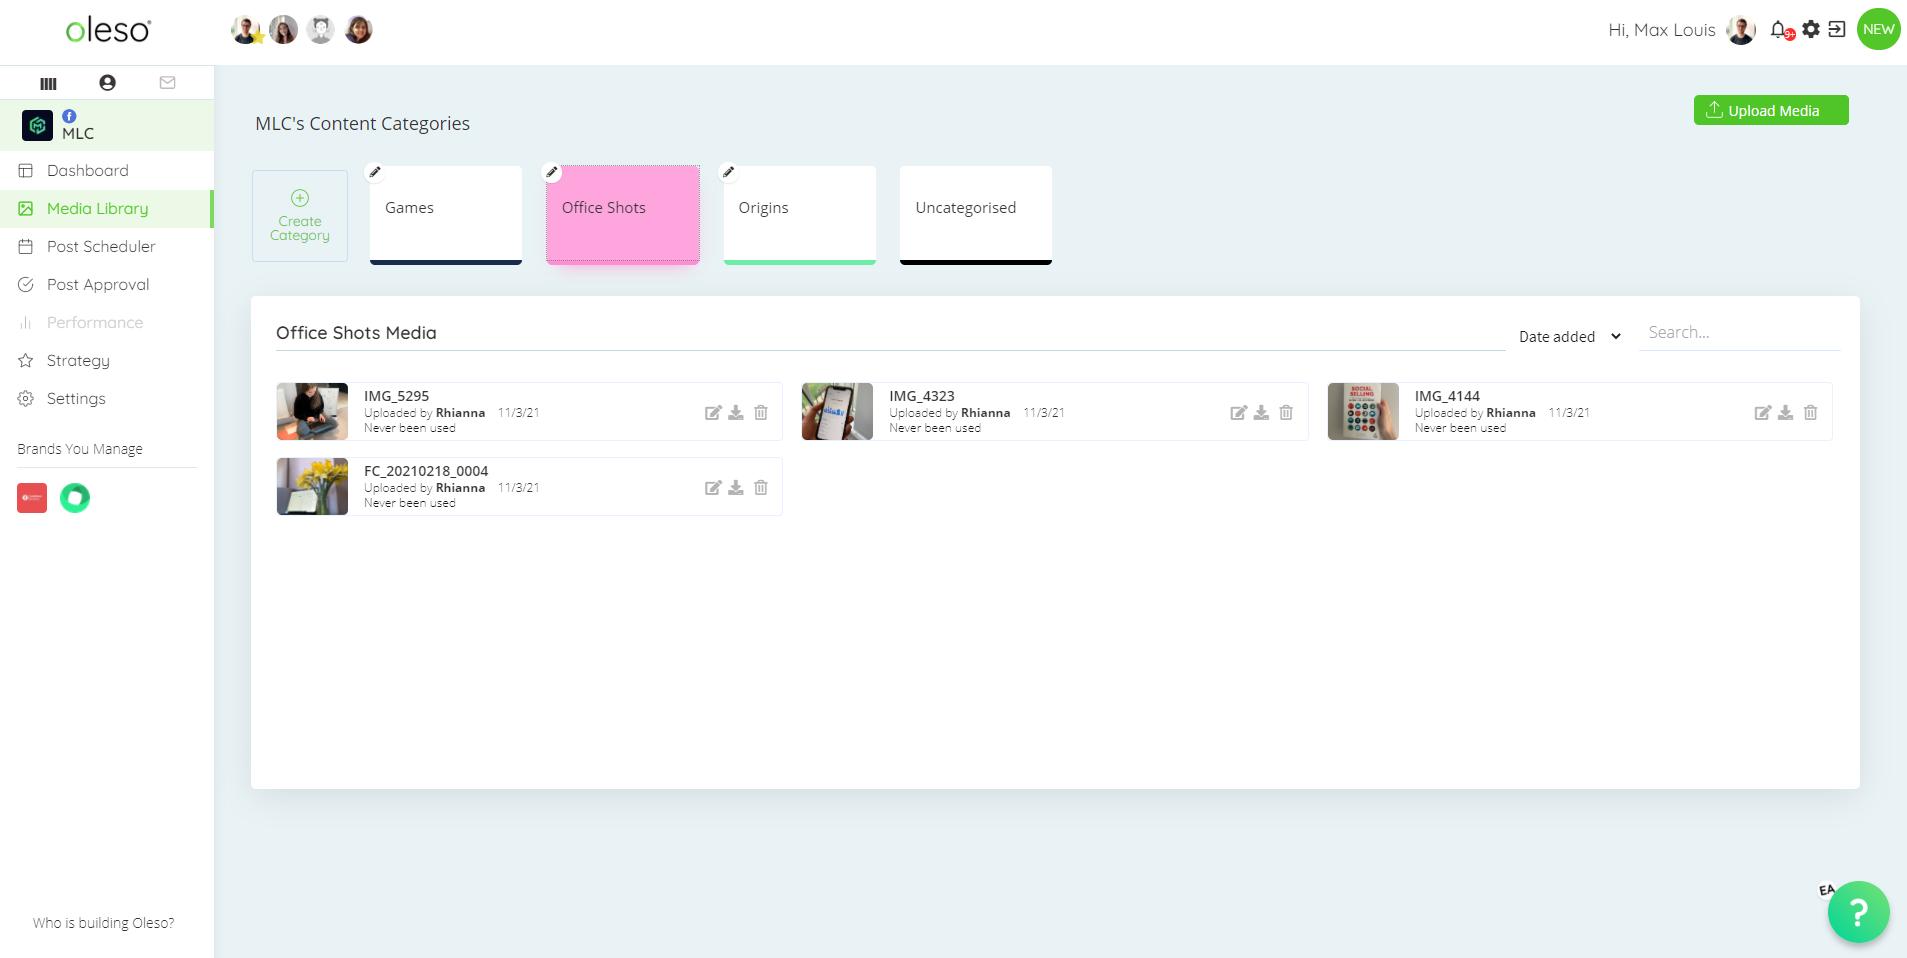 Oleso Social Media Tool - Media Library